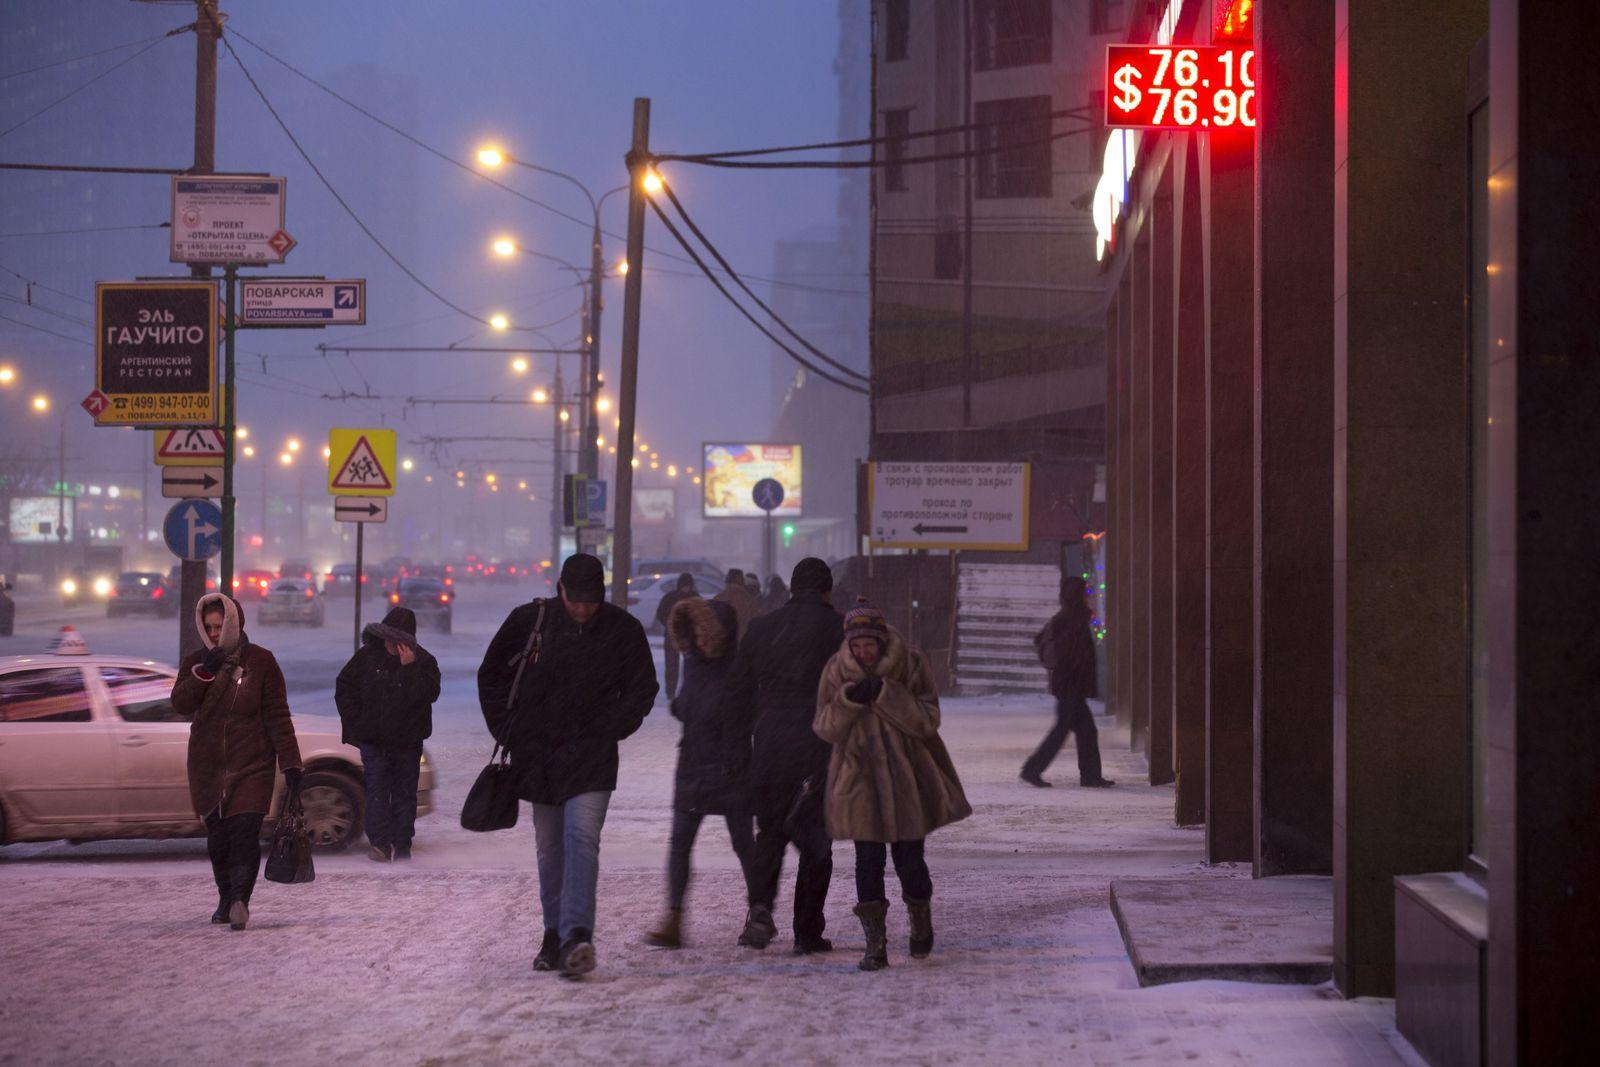 Russland / Währung / Wirtschaft / Konsum